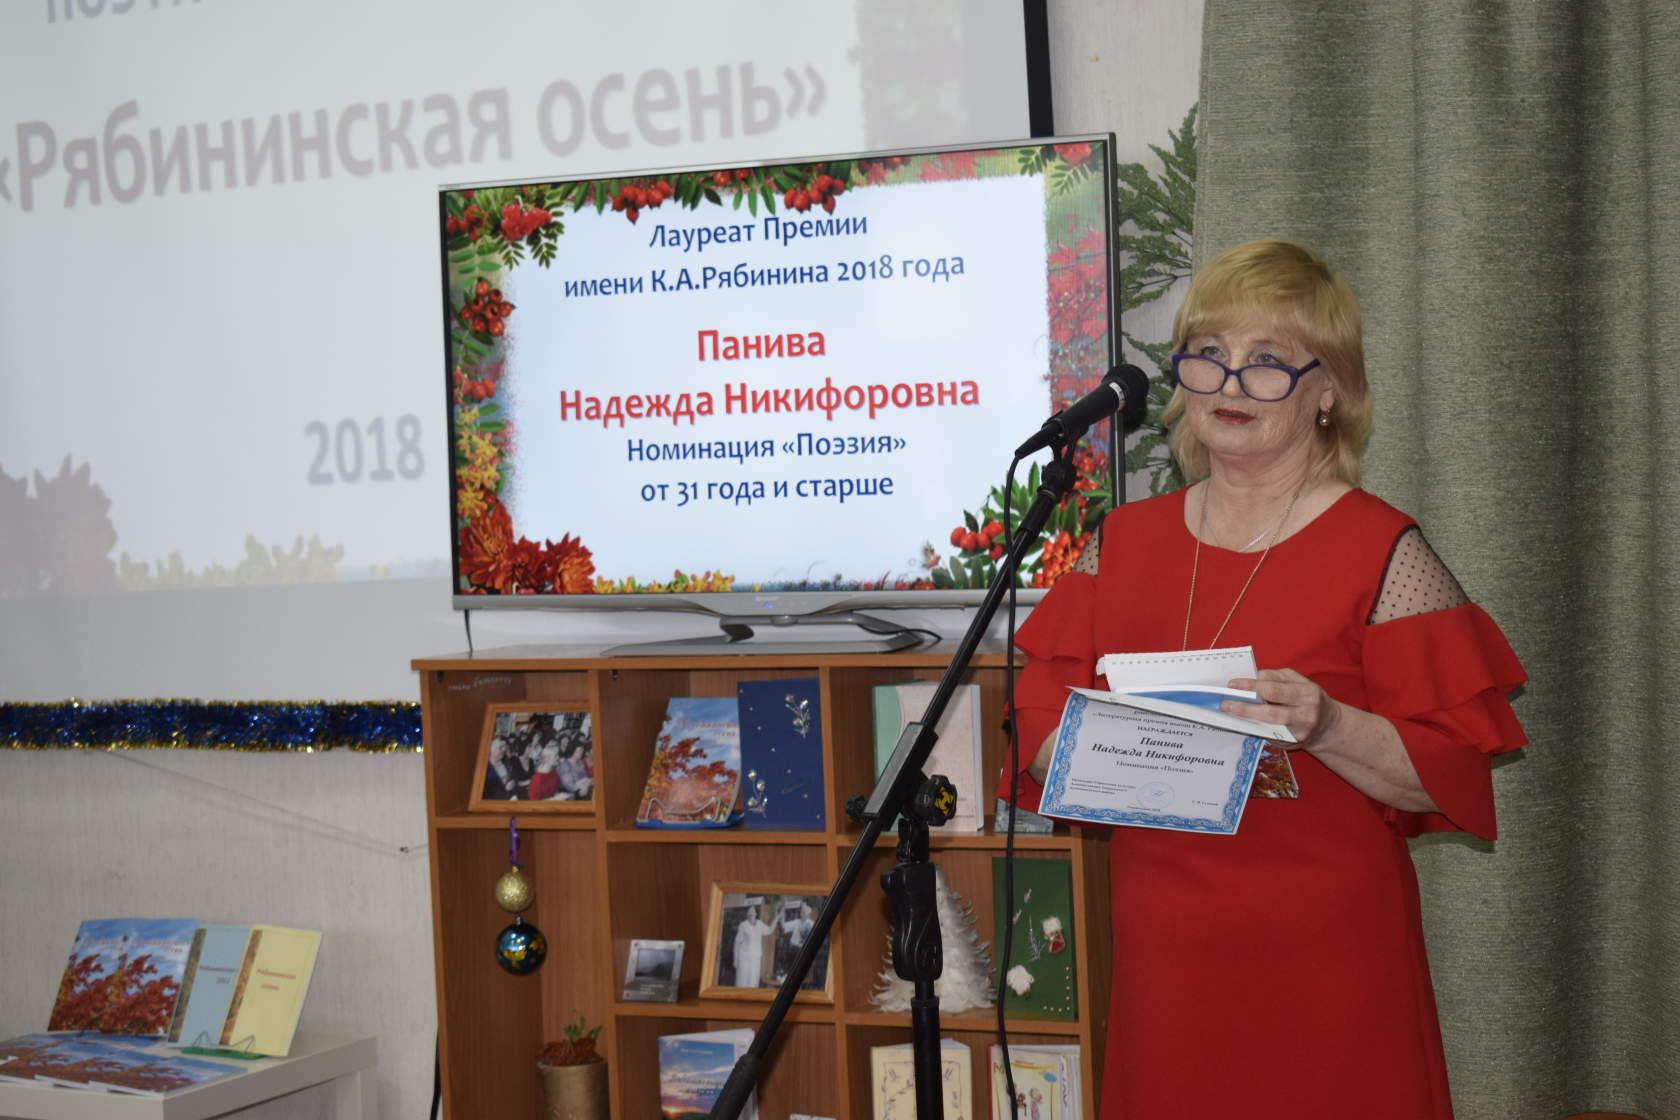 Рябининская осень 2018